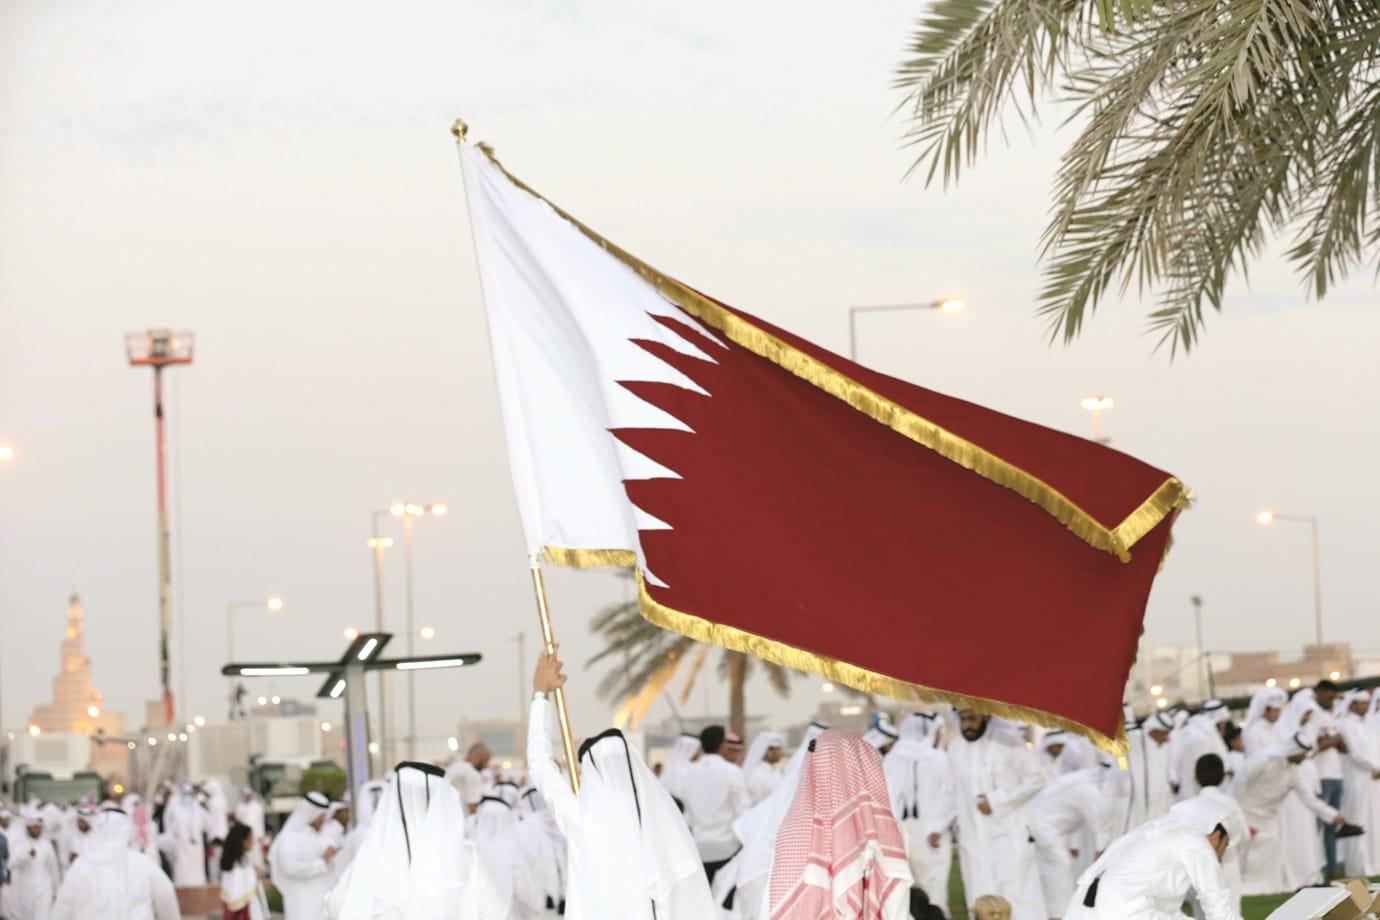 دورية استخباراتية: قطر باتت الوسيط الإقليمي المفضل لدى أمريكا وقد تحل مكان عُمان